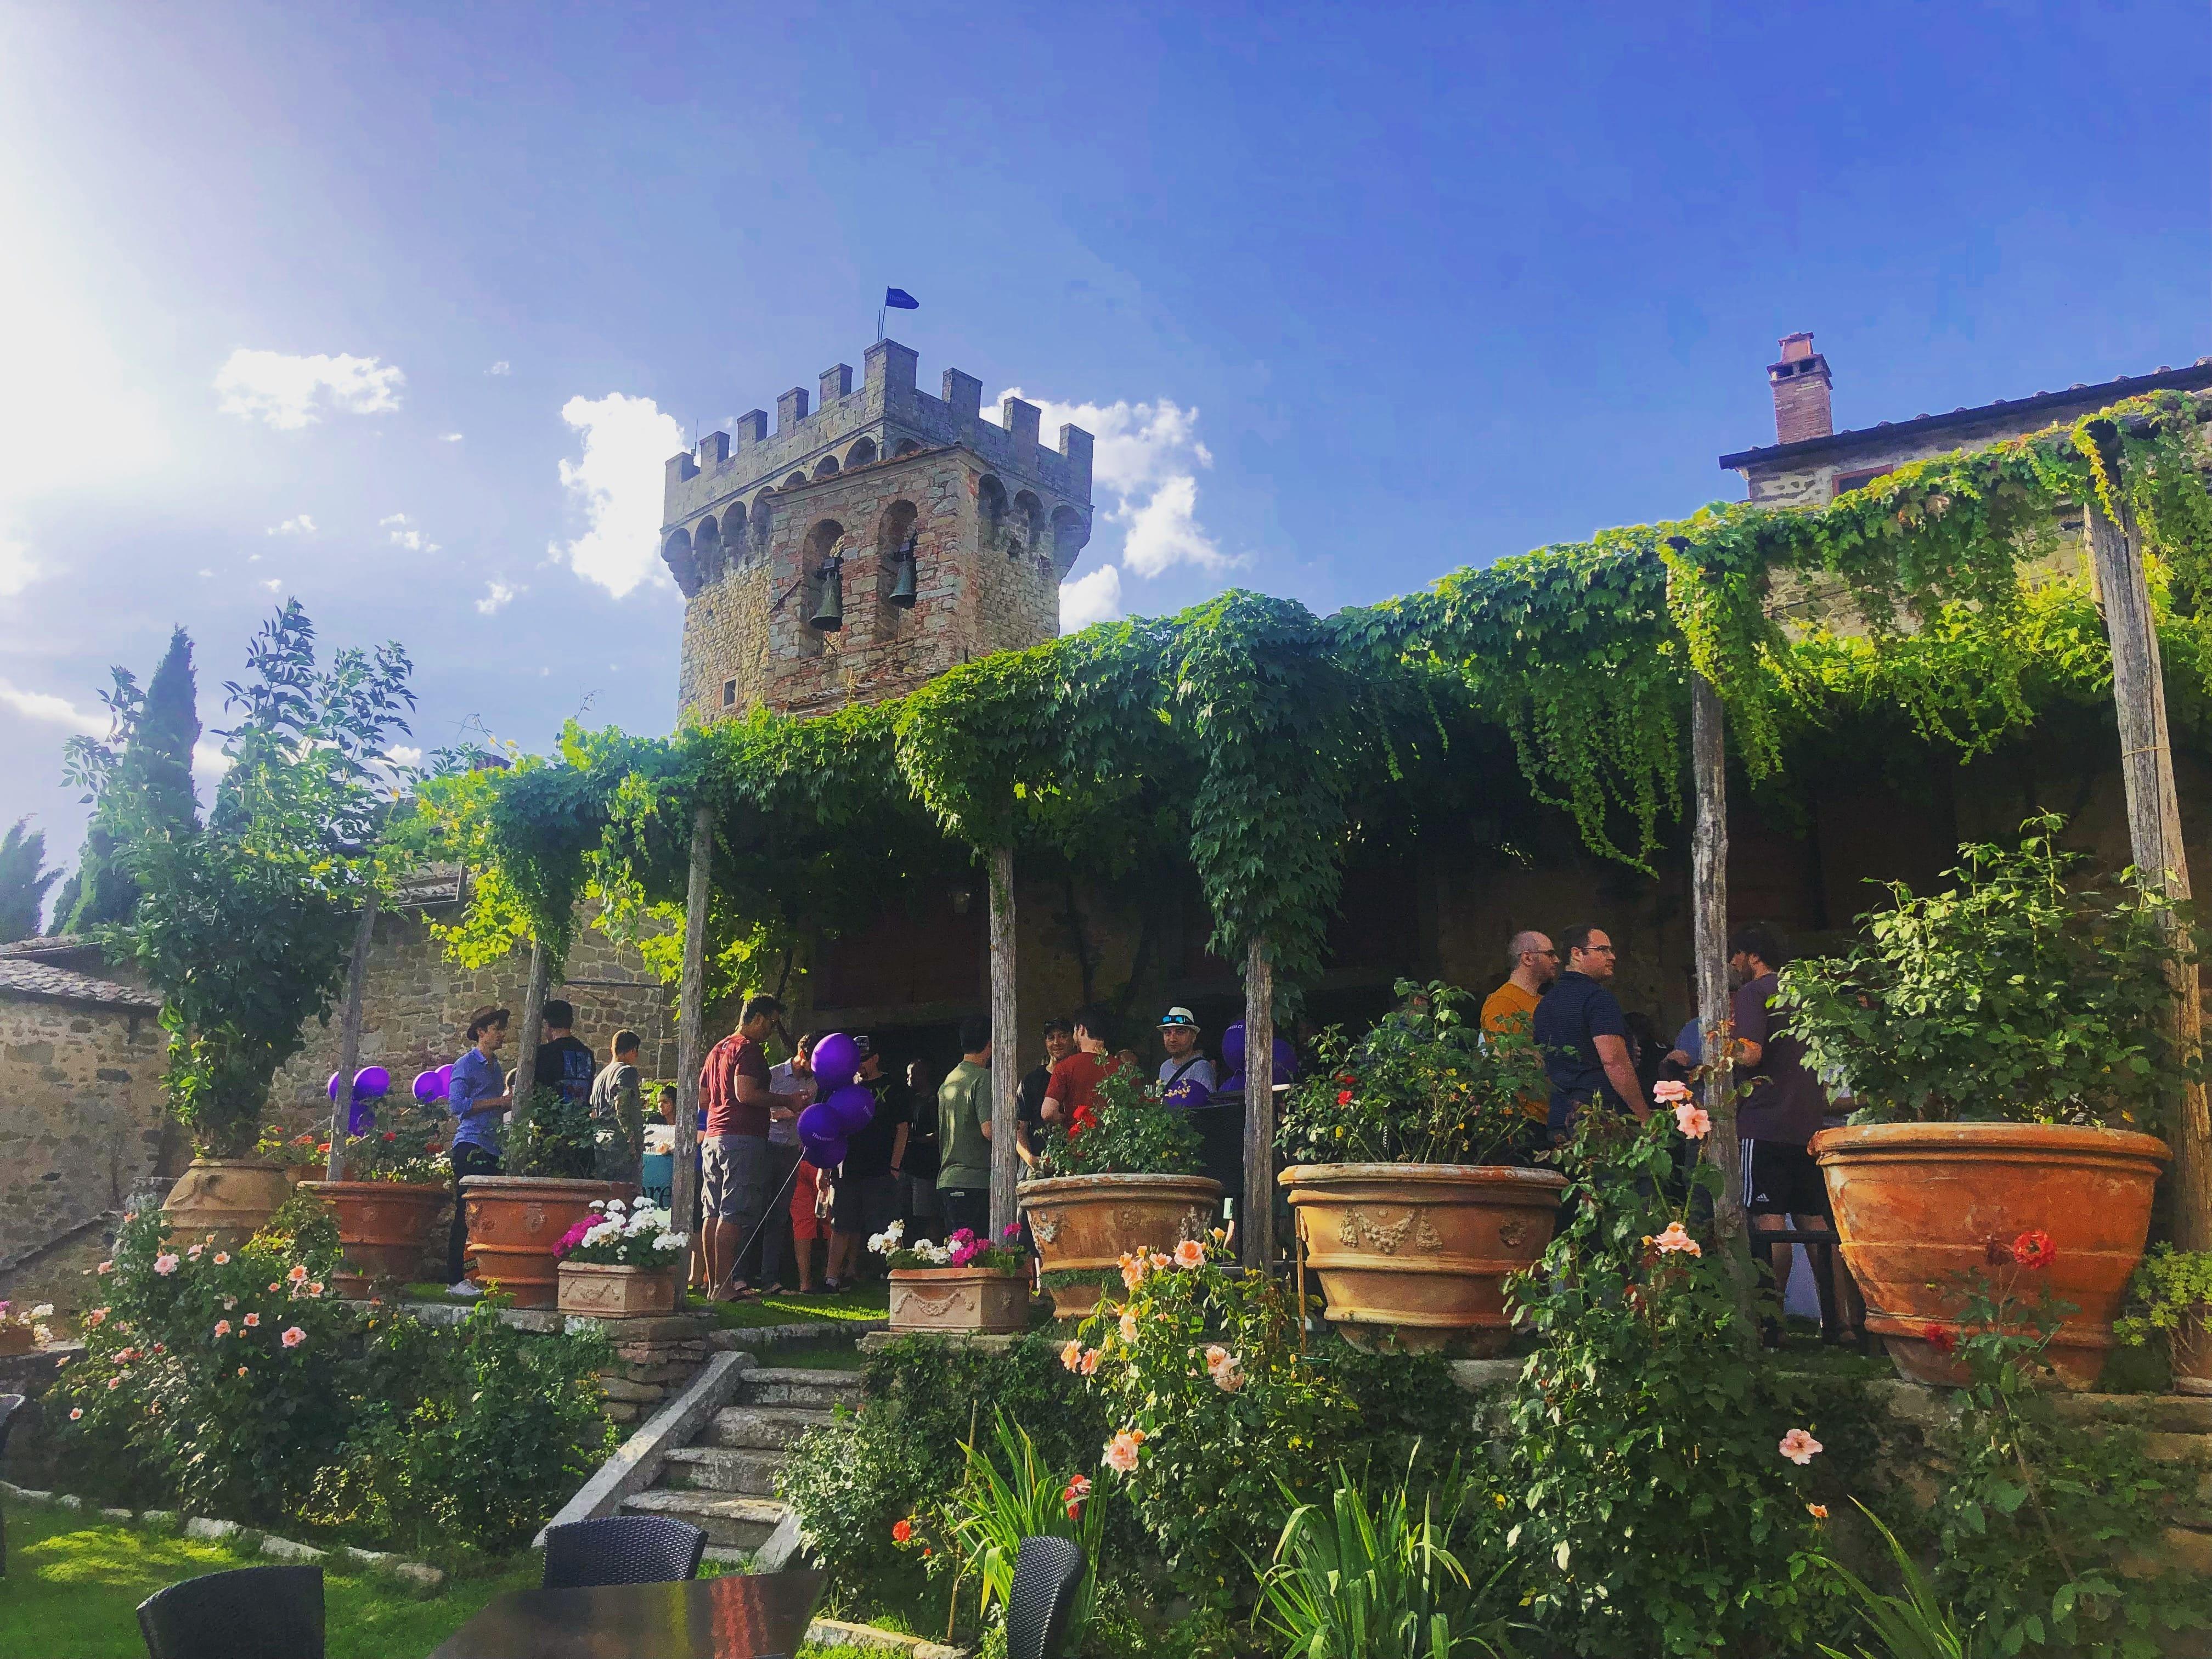 Company retreat in Tuscany